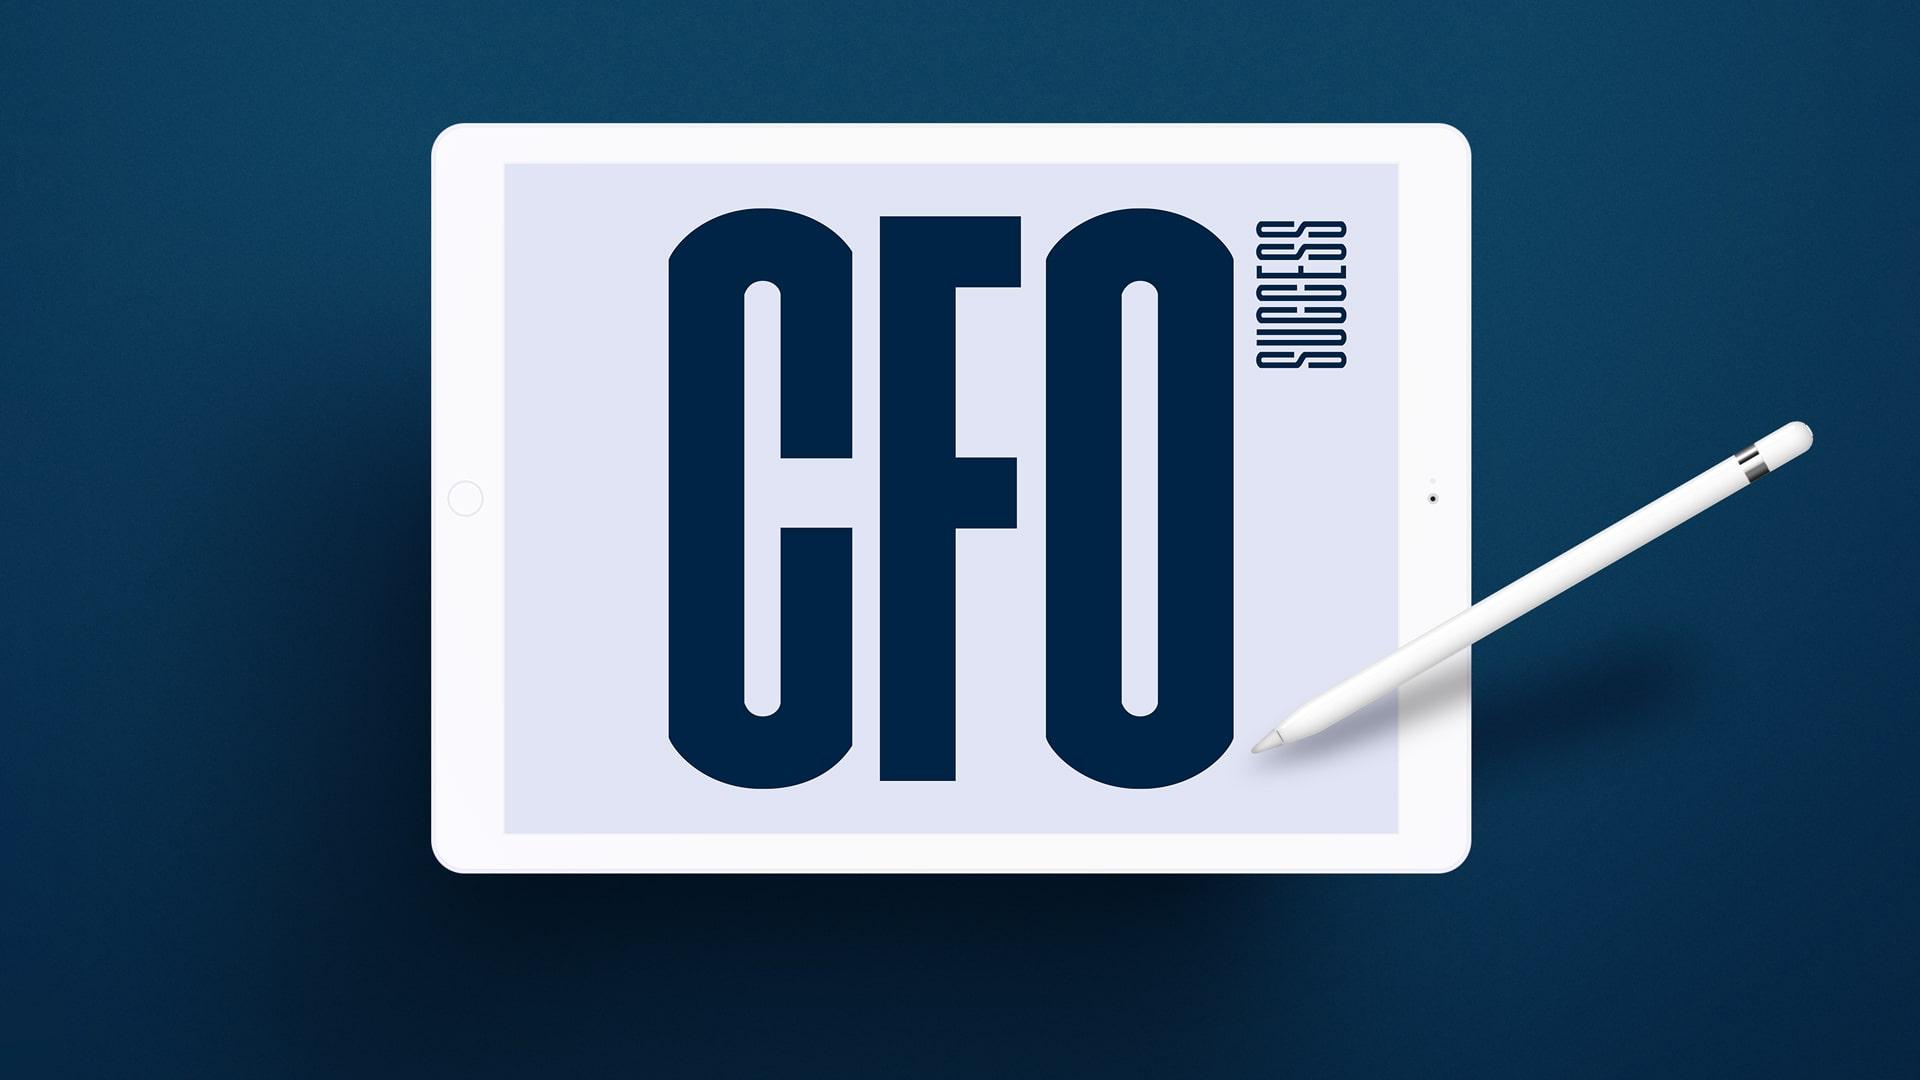 CFO-min-2